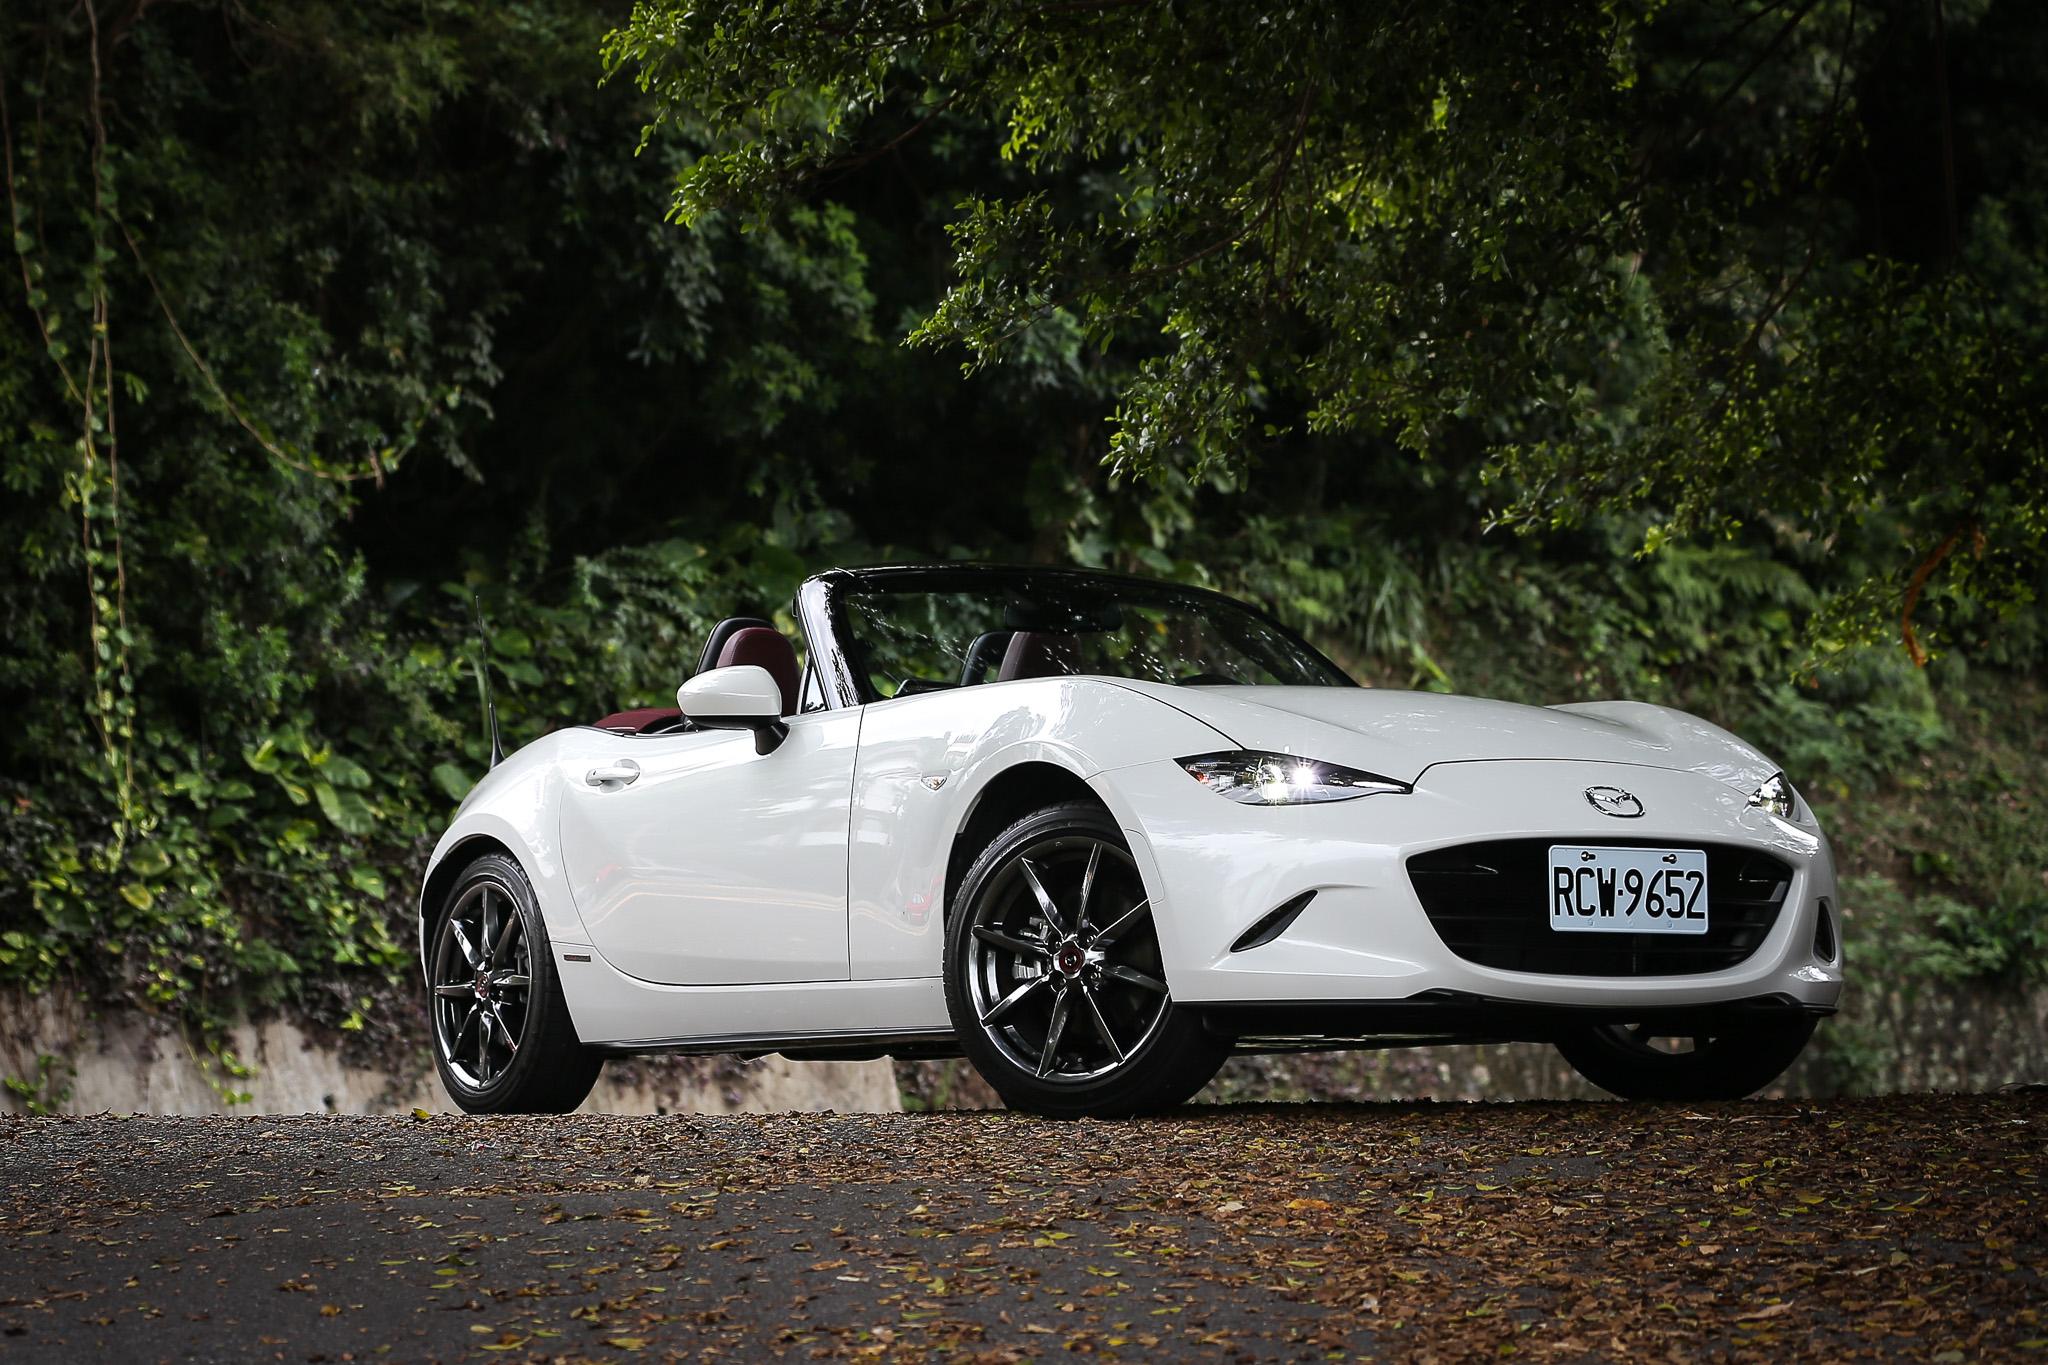 Mazda MX-5 100 週年紀念車售價新台幣 139 萬元,比常規車型多出 5 萬元。